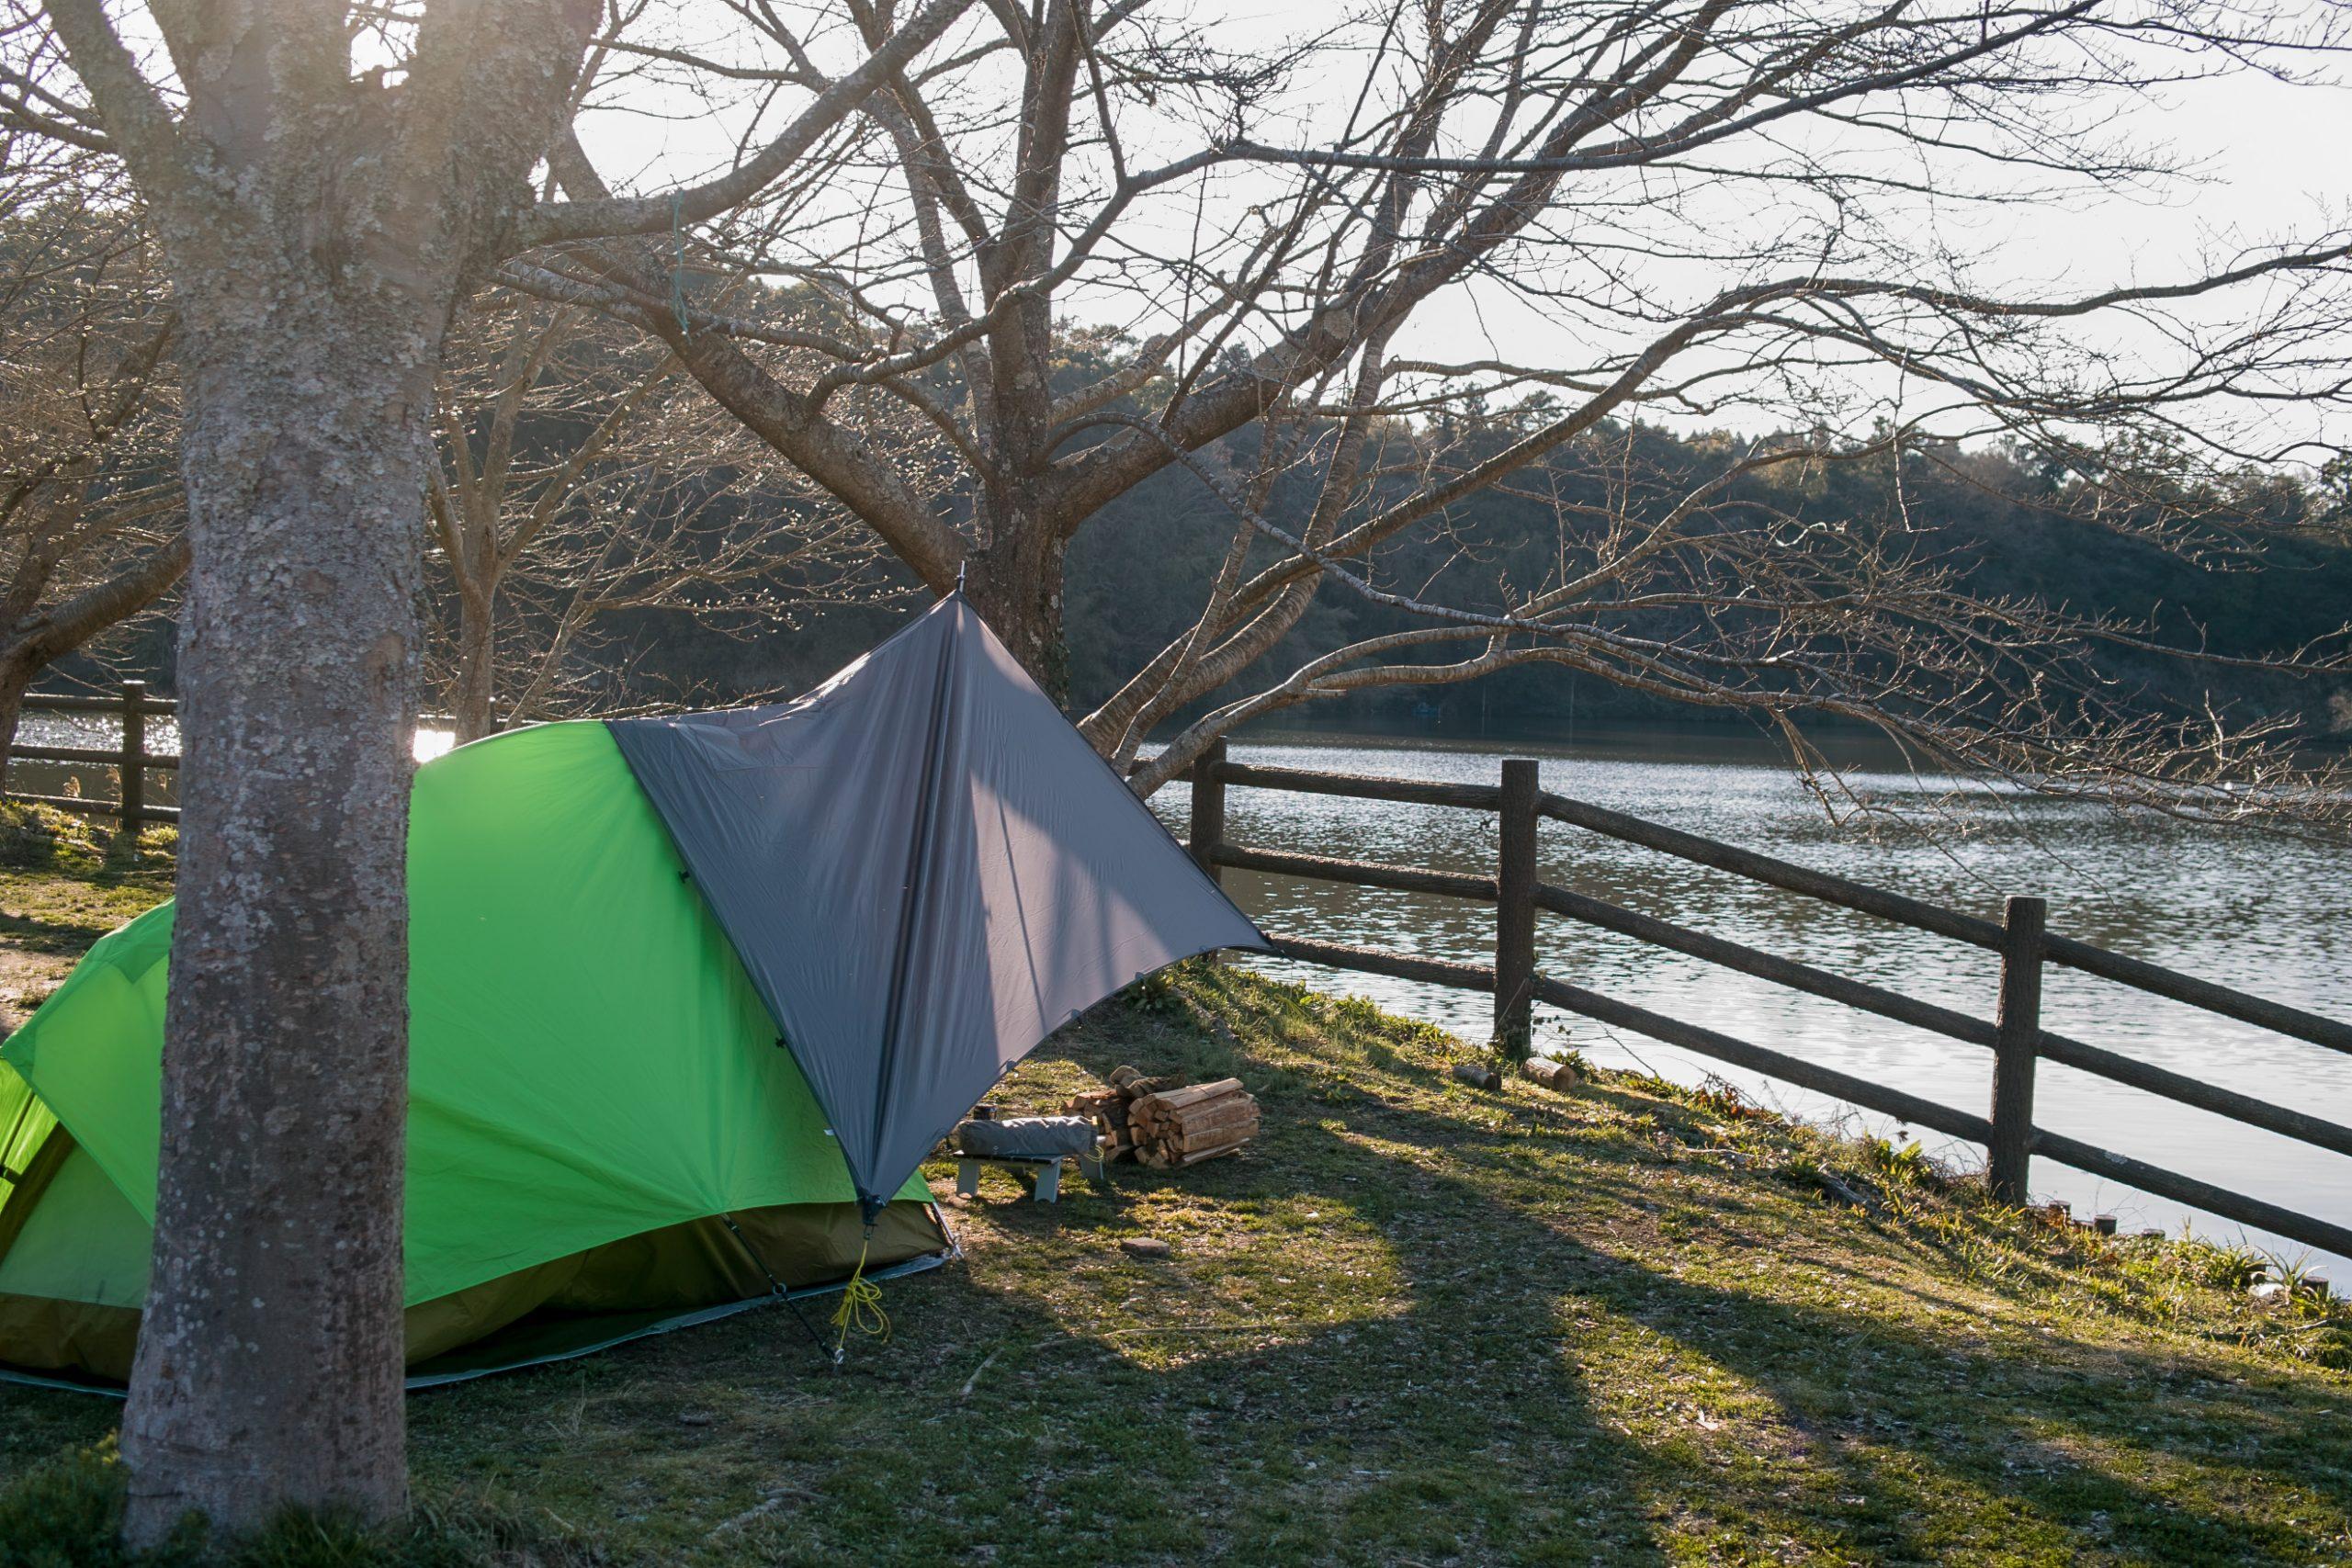 県 キャンプ 場 千葉